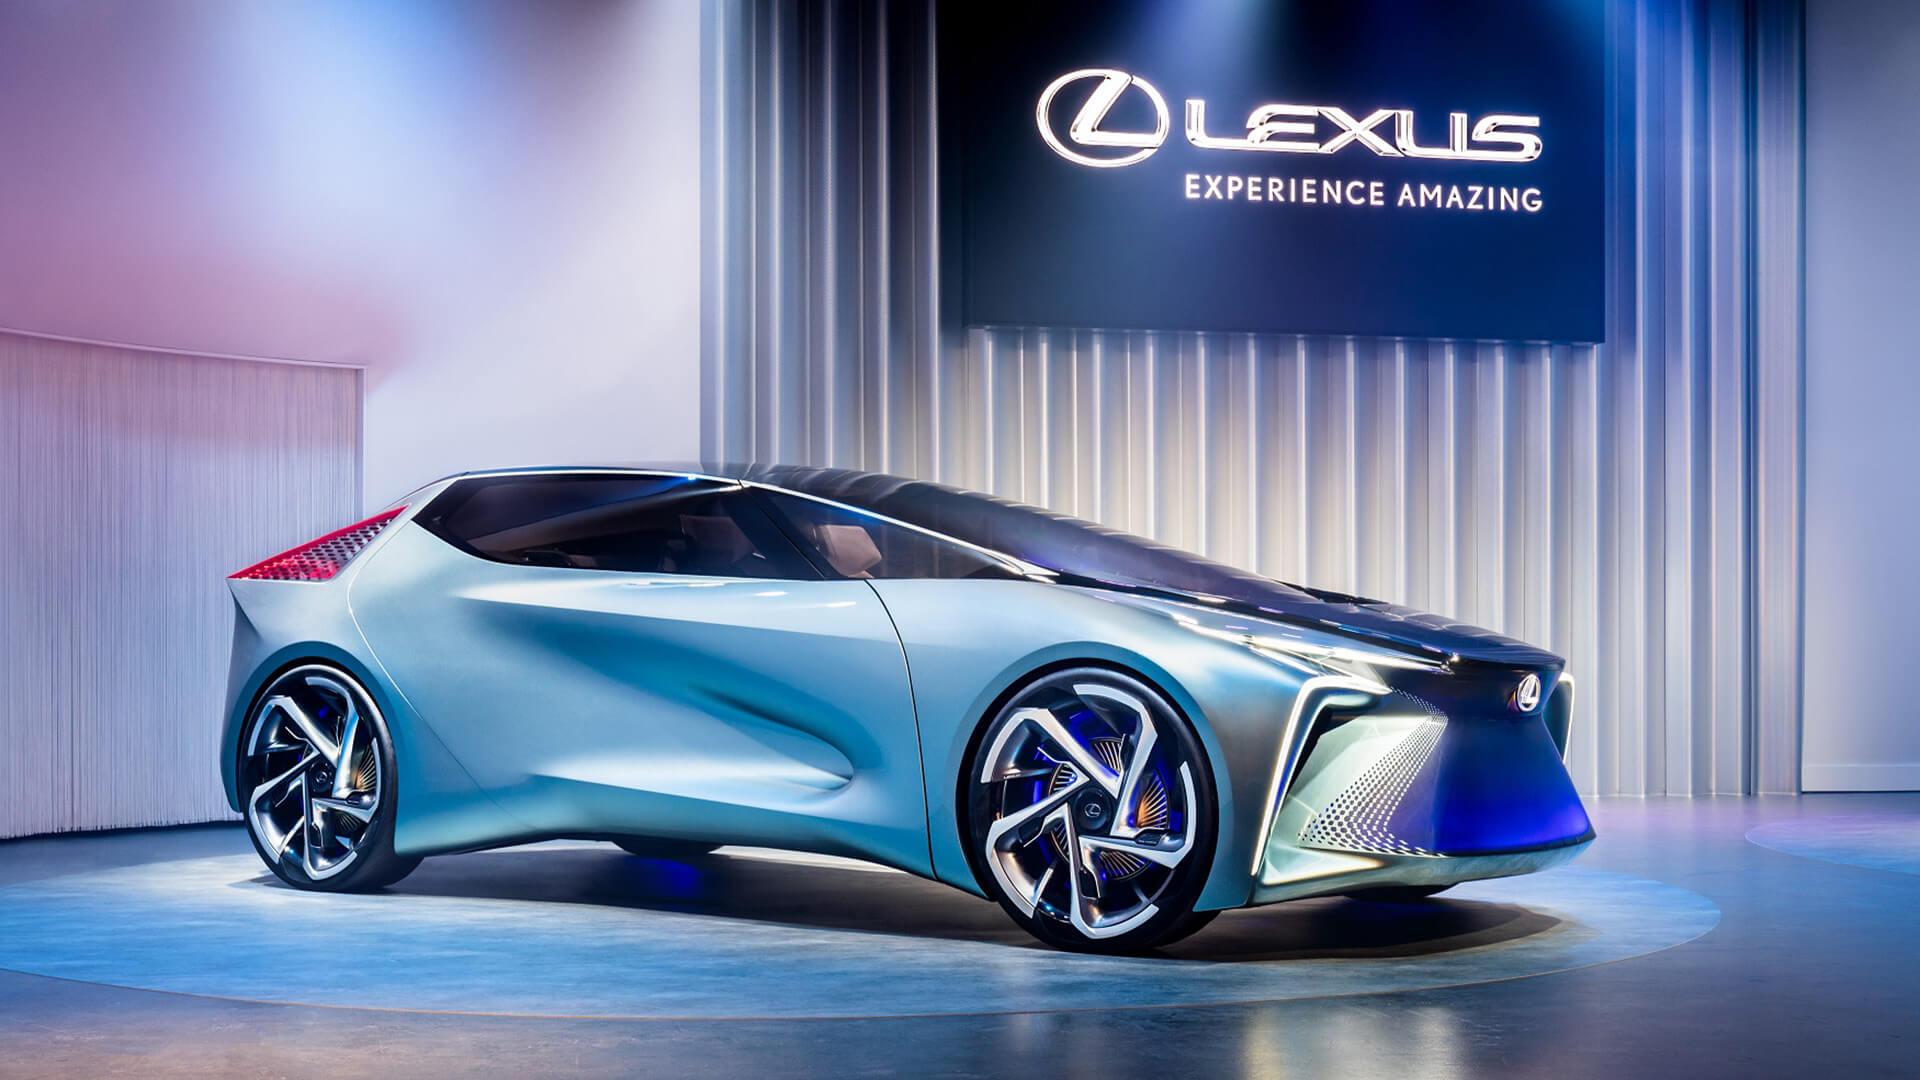 lexus bugunun ve gelecegin elektrikli vizyonunu kenshiki forumda sergiledi gallery01